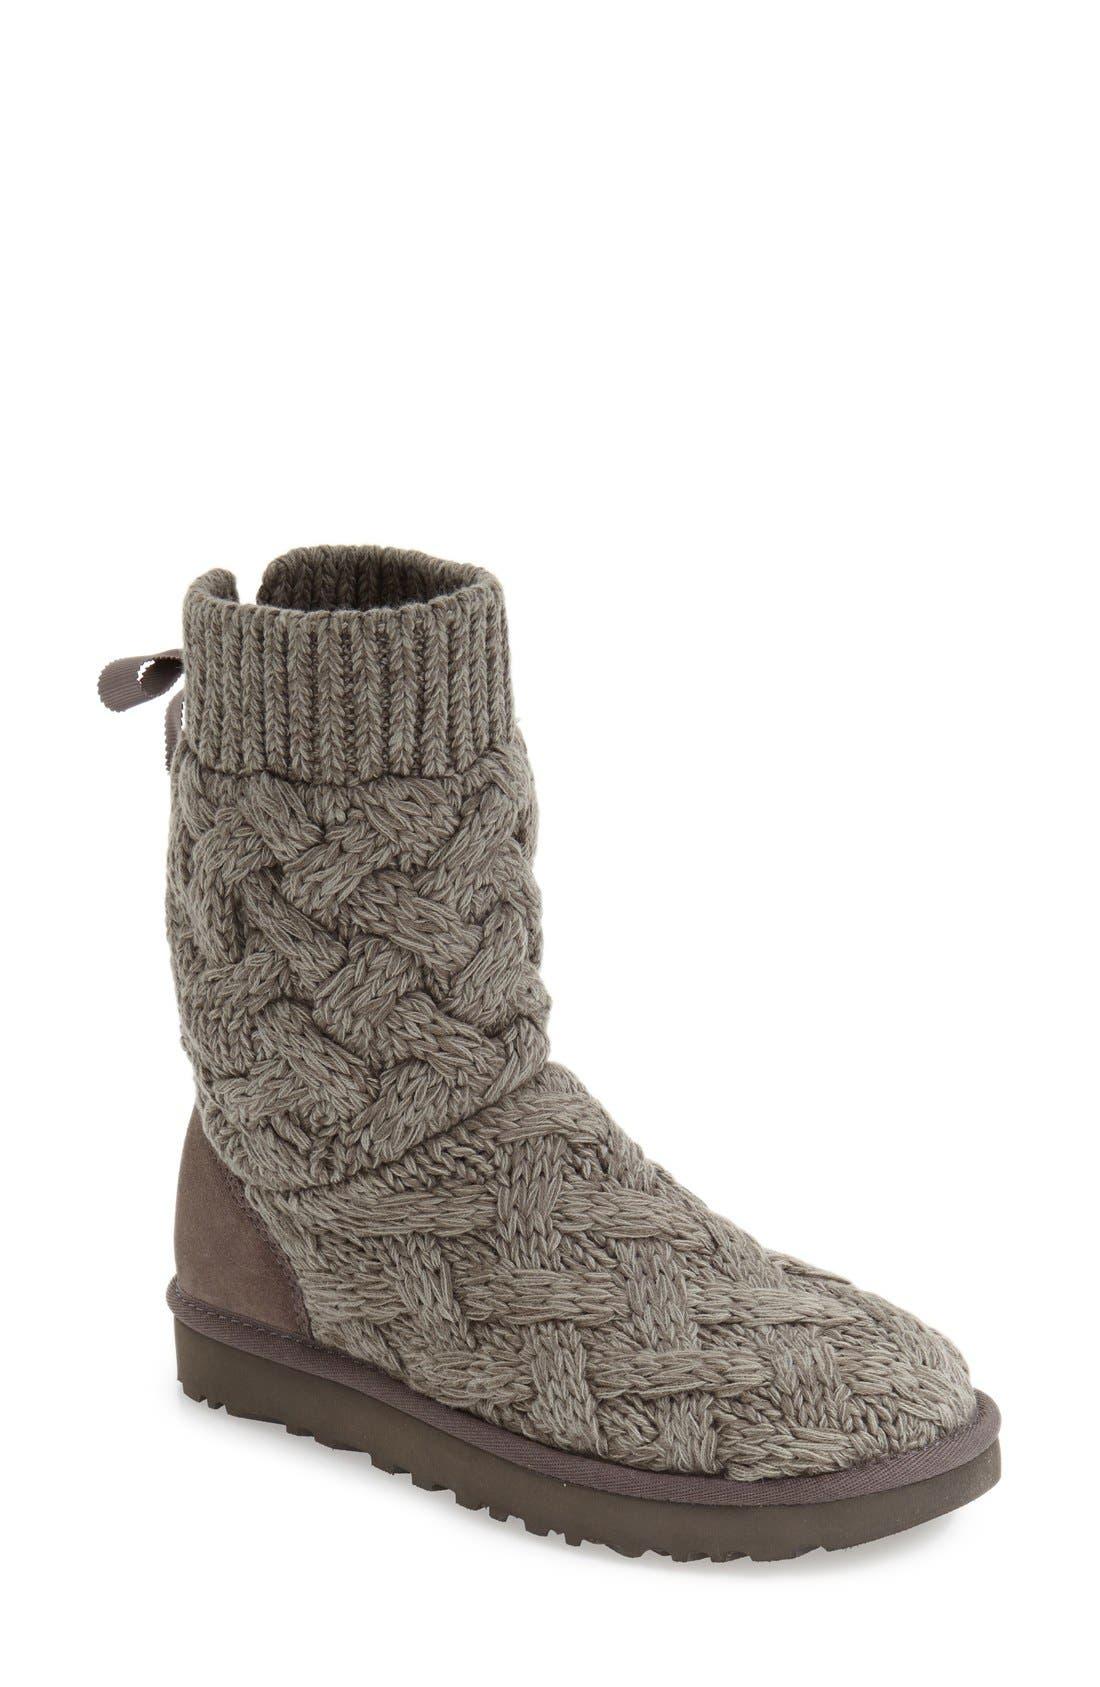 Alternate Image 1 Selected - UGG® Isla Boot (Women)